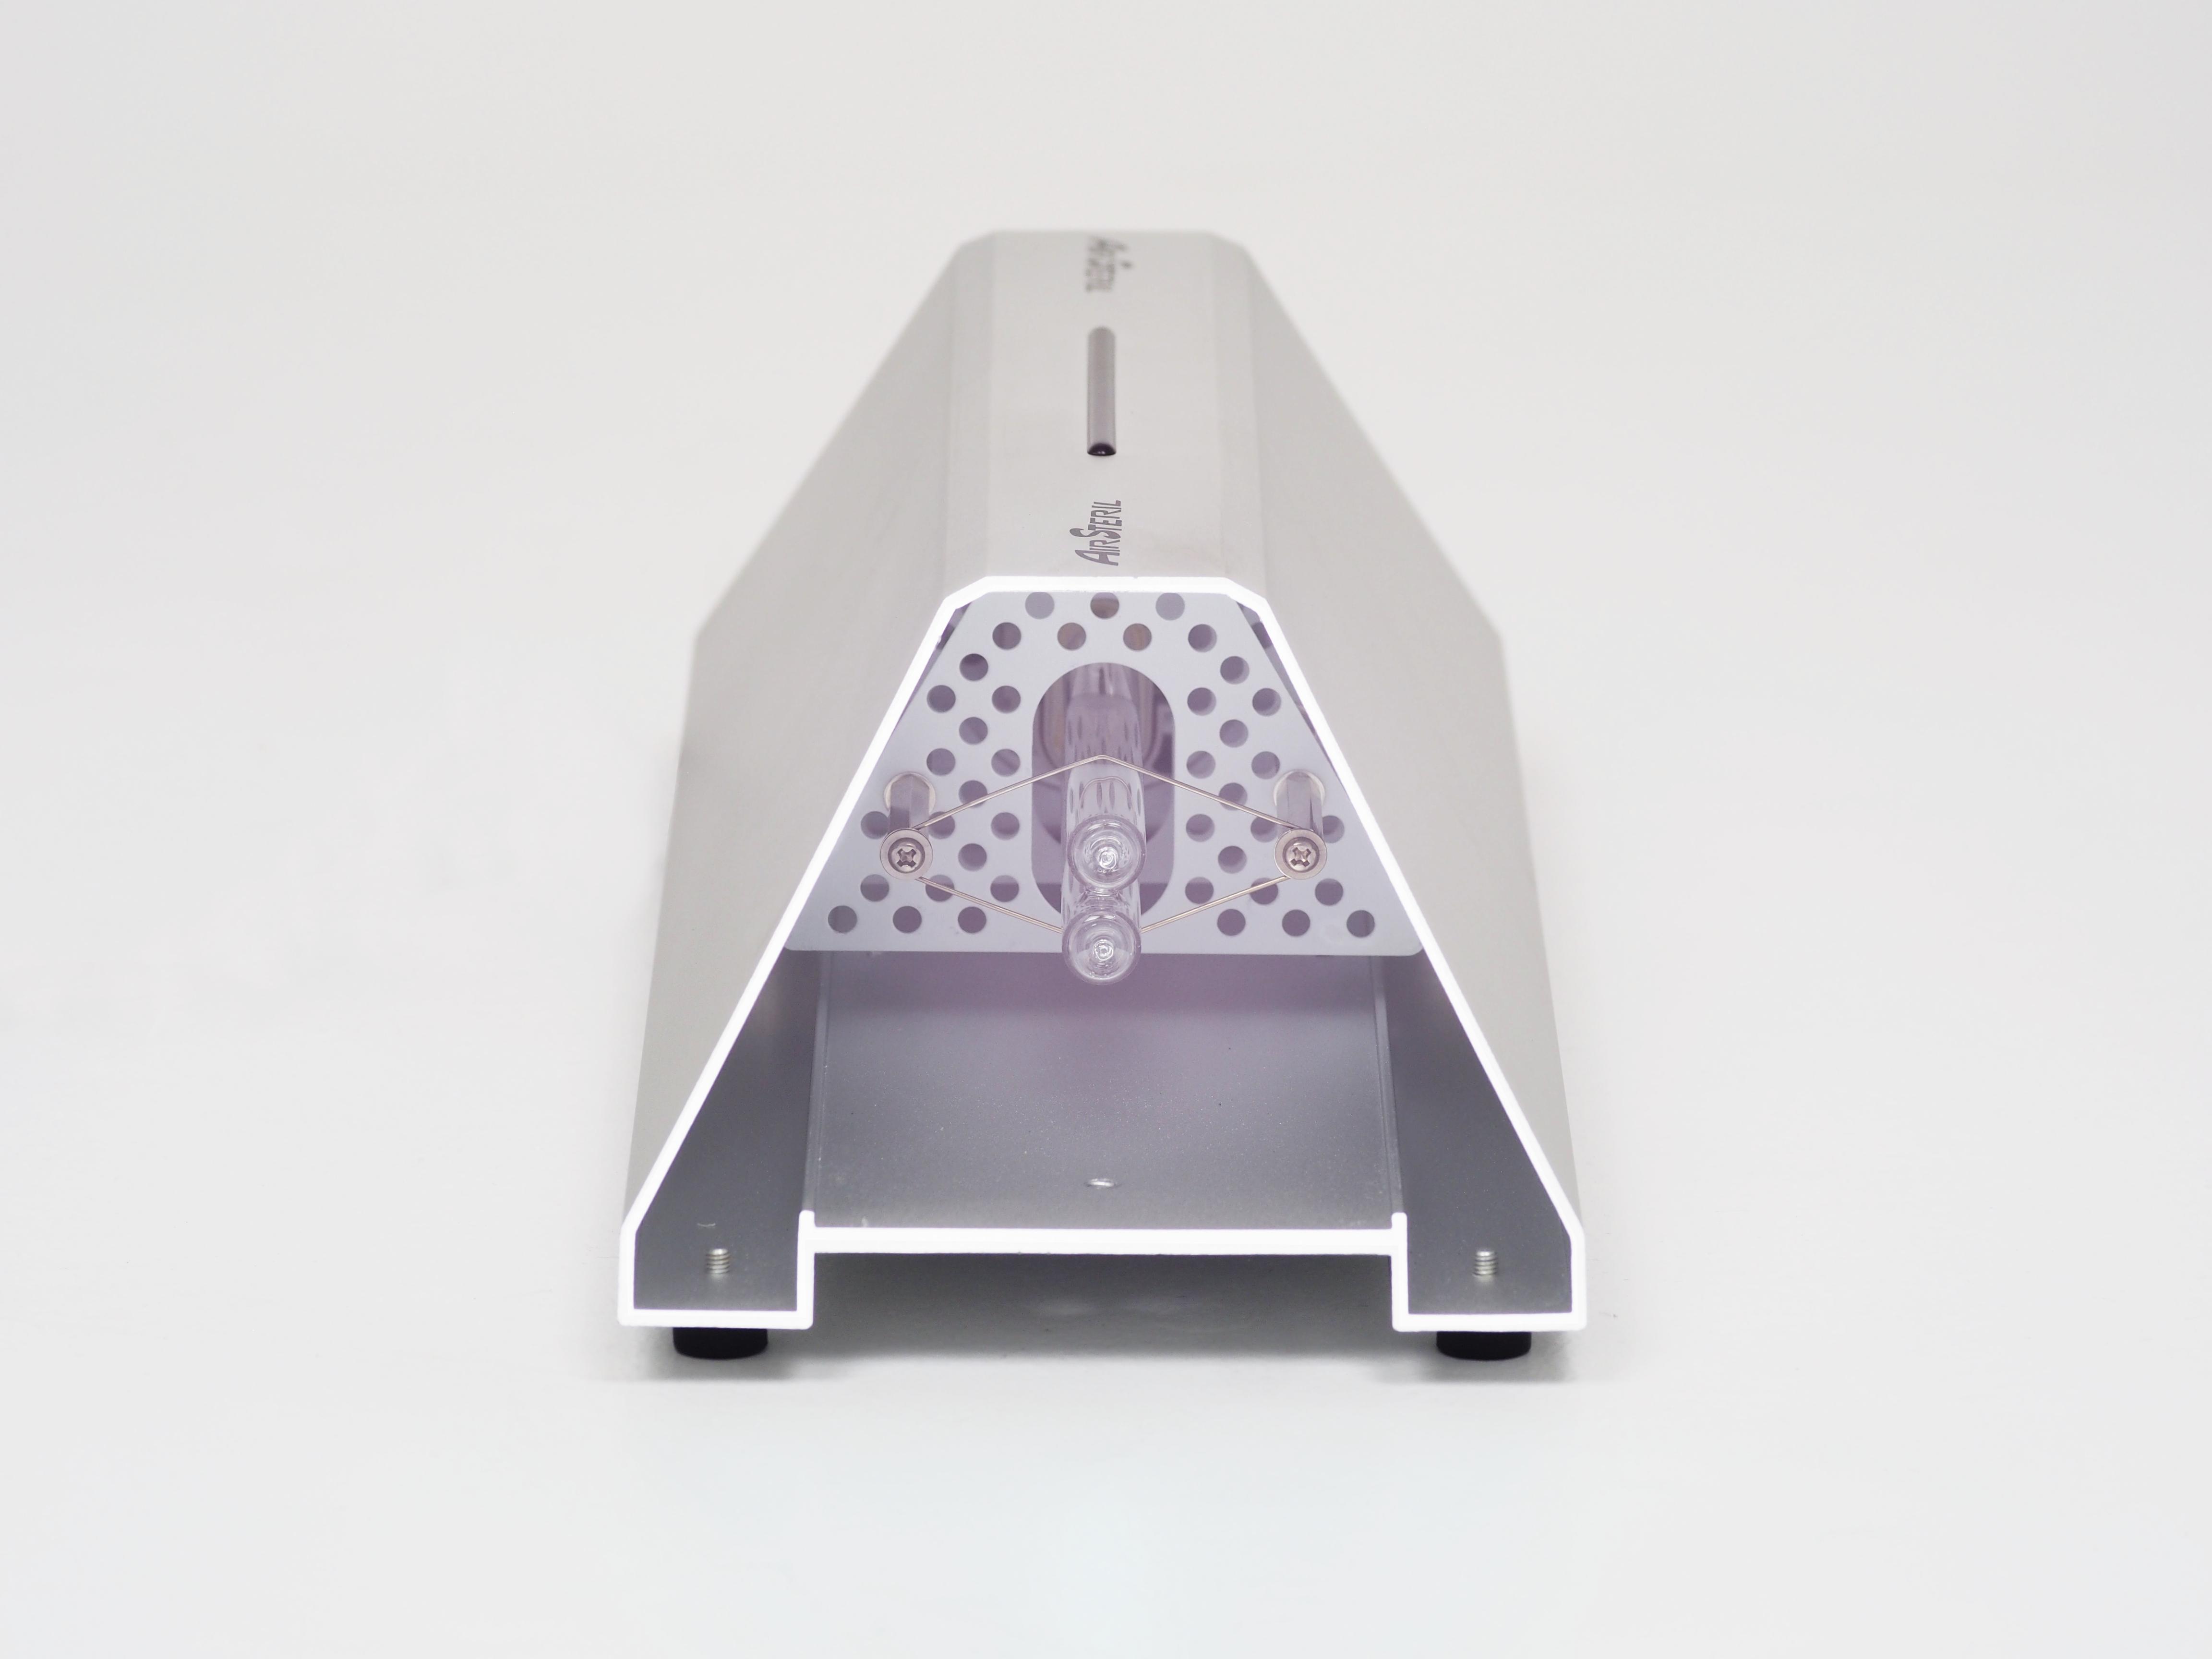 เครื่องฟอกอากาศ CURA รุ่น AIR GUARD อากาศที่ดีเพื่อคนที่คุณรักและห่วงใย มีไส้กรองดักจับฝุ่น พร้อมทั้งระบบ UV เน้นการฆ่าเชื้อโรคอย่างมีประสิทธิภาพ